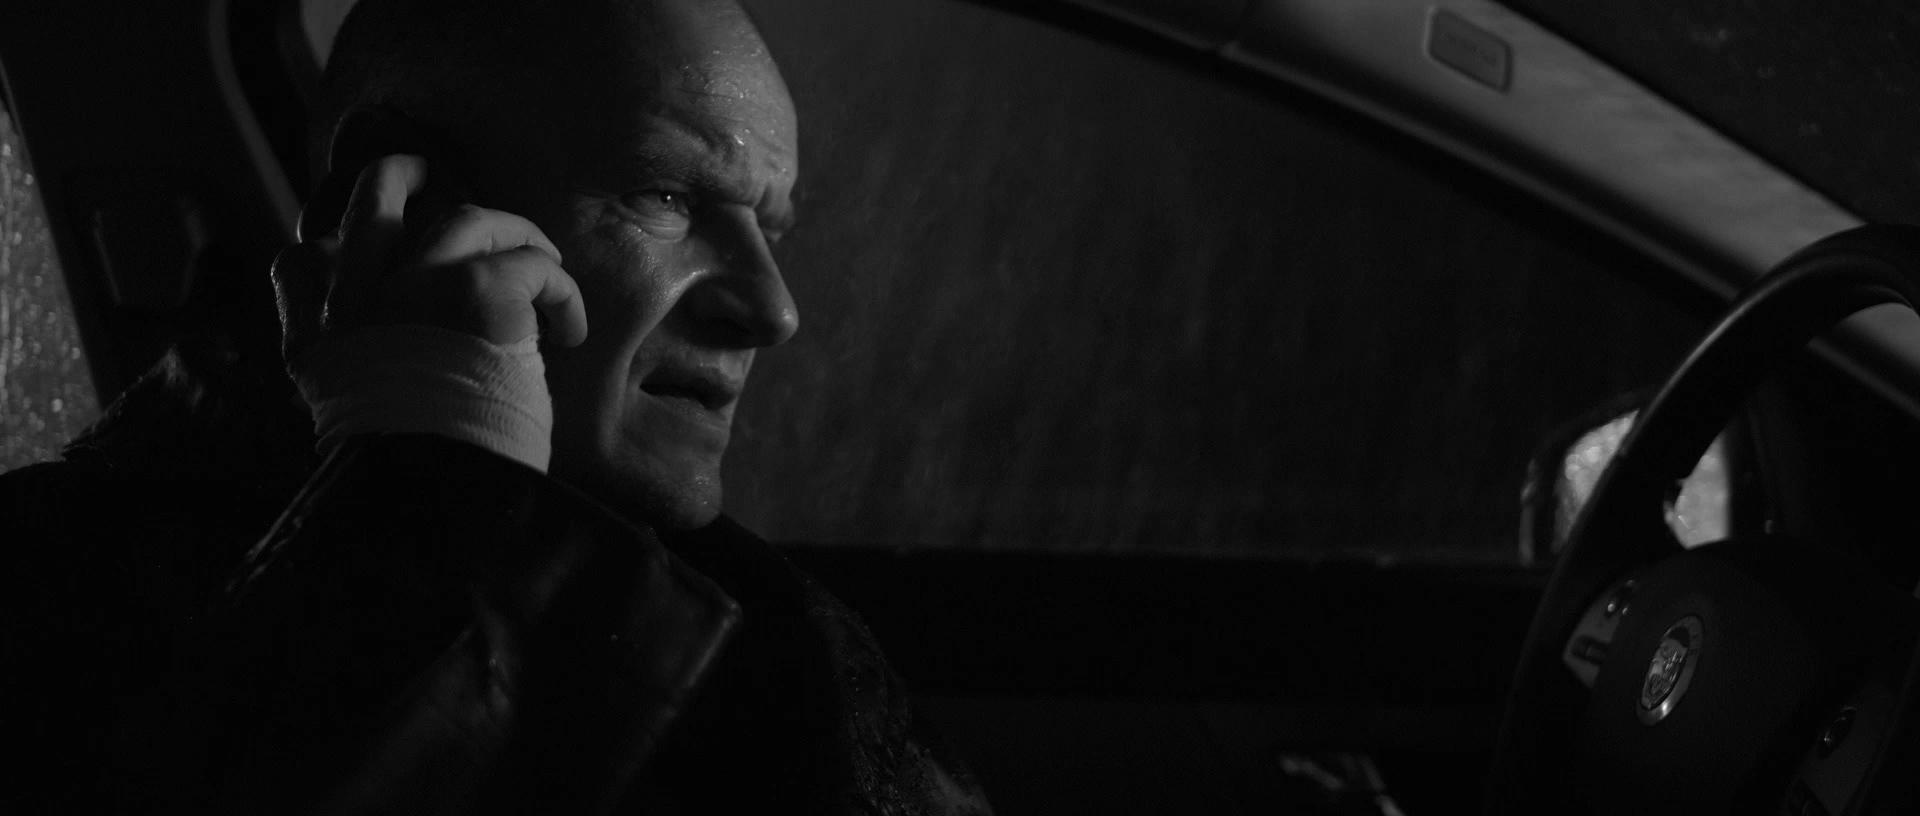 kadr z filmu Paranoia - Redbad Klynstra